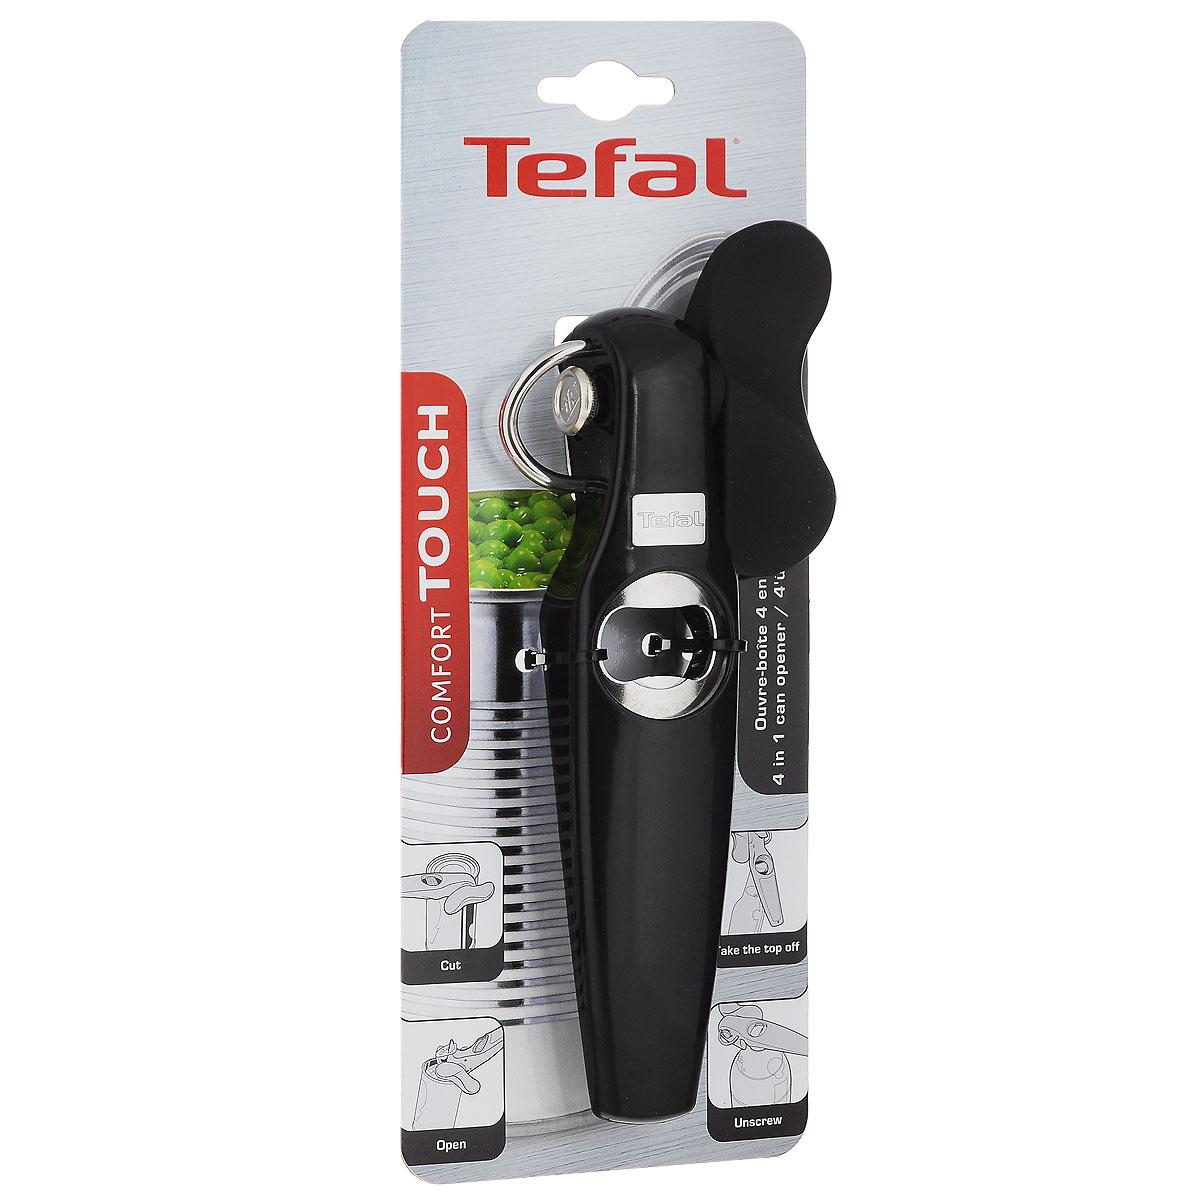 Нож консервный Tefal Comfort Touch, цвет: черный, длина 19 см2100071030Консервный нож Tefal Comfort Touch выполнен из высококачественного пластика. Лезвия изготовлены из закаленной нержавеющей стали.С помощью этого удобного консервного ножа вы сможете без приложения усилий со своей стороны открыть любую жестяную консервную банку. Эргономичная ручка с мягкой вставкой из силикона сделает использование ножа еще удобнее. Консервный нож Comfort Touch станет достойным дополнением к кухонному инвентарю. Изделие можно мыть в посудомоечной машине.Длина ножа: 19 см.